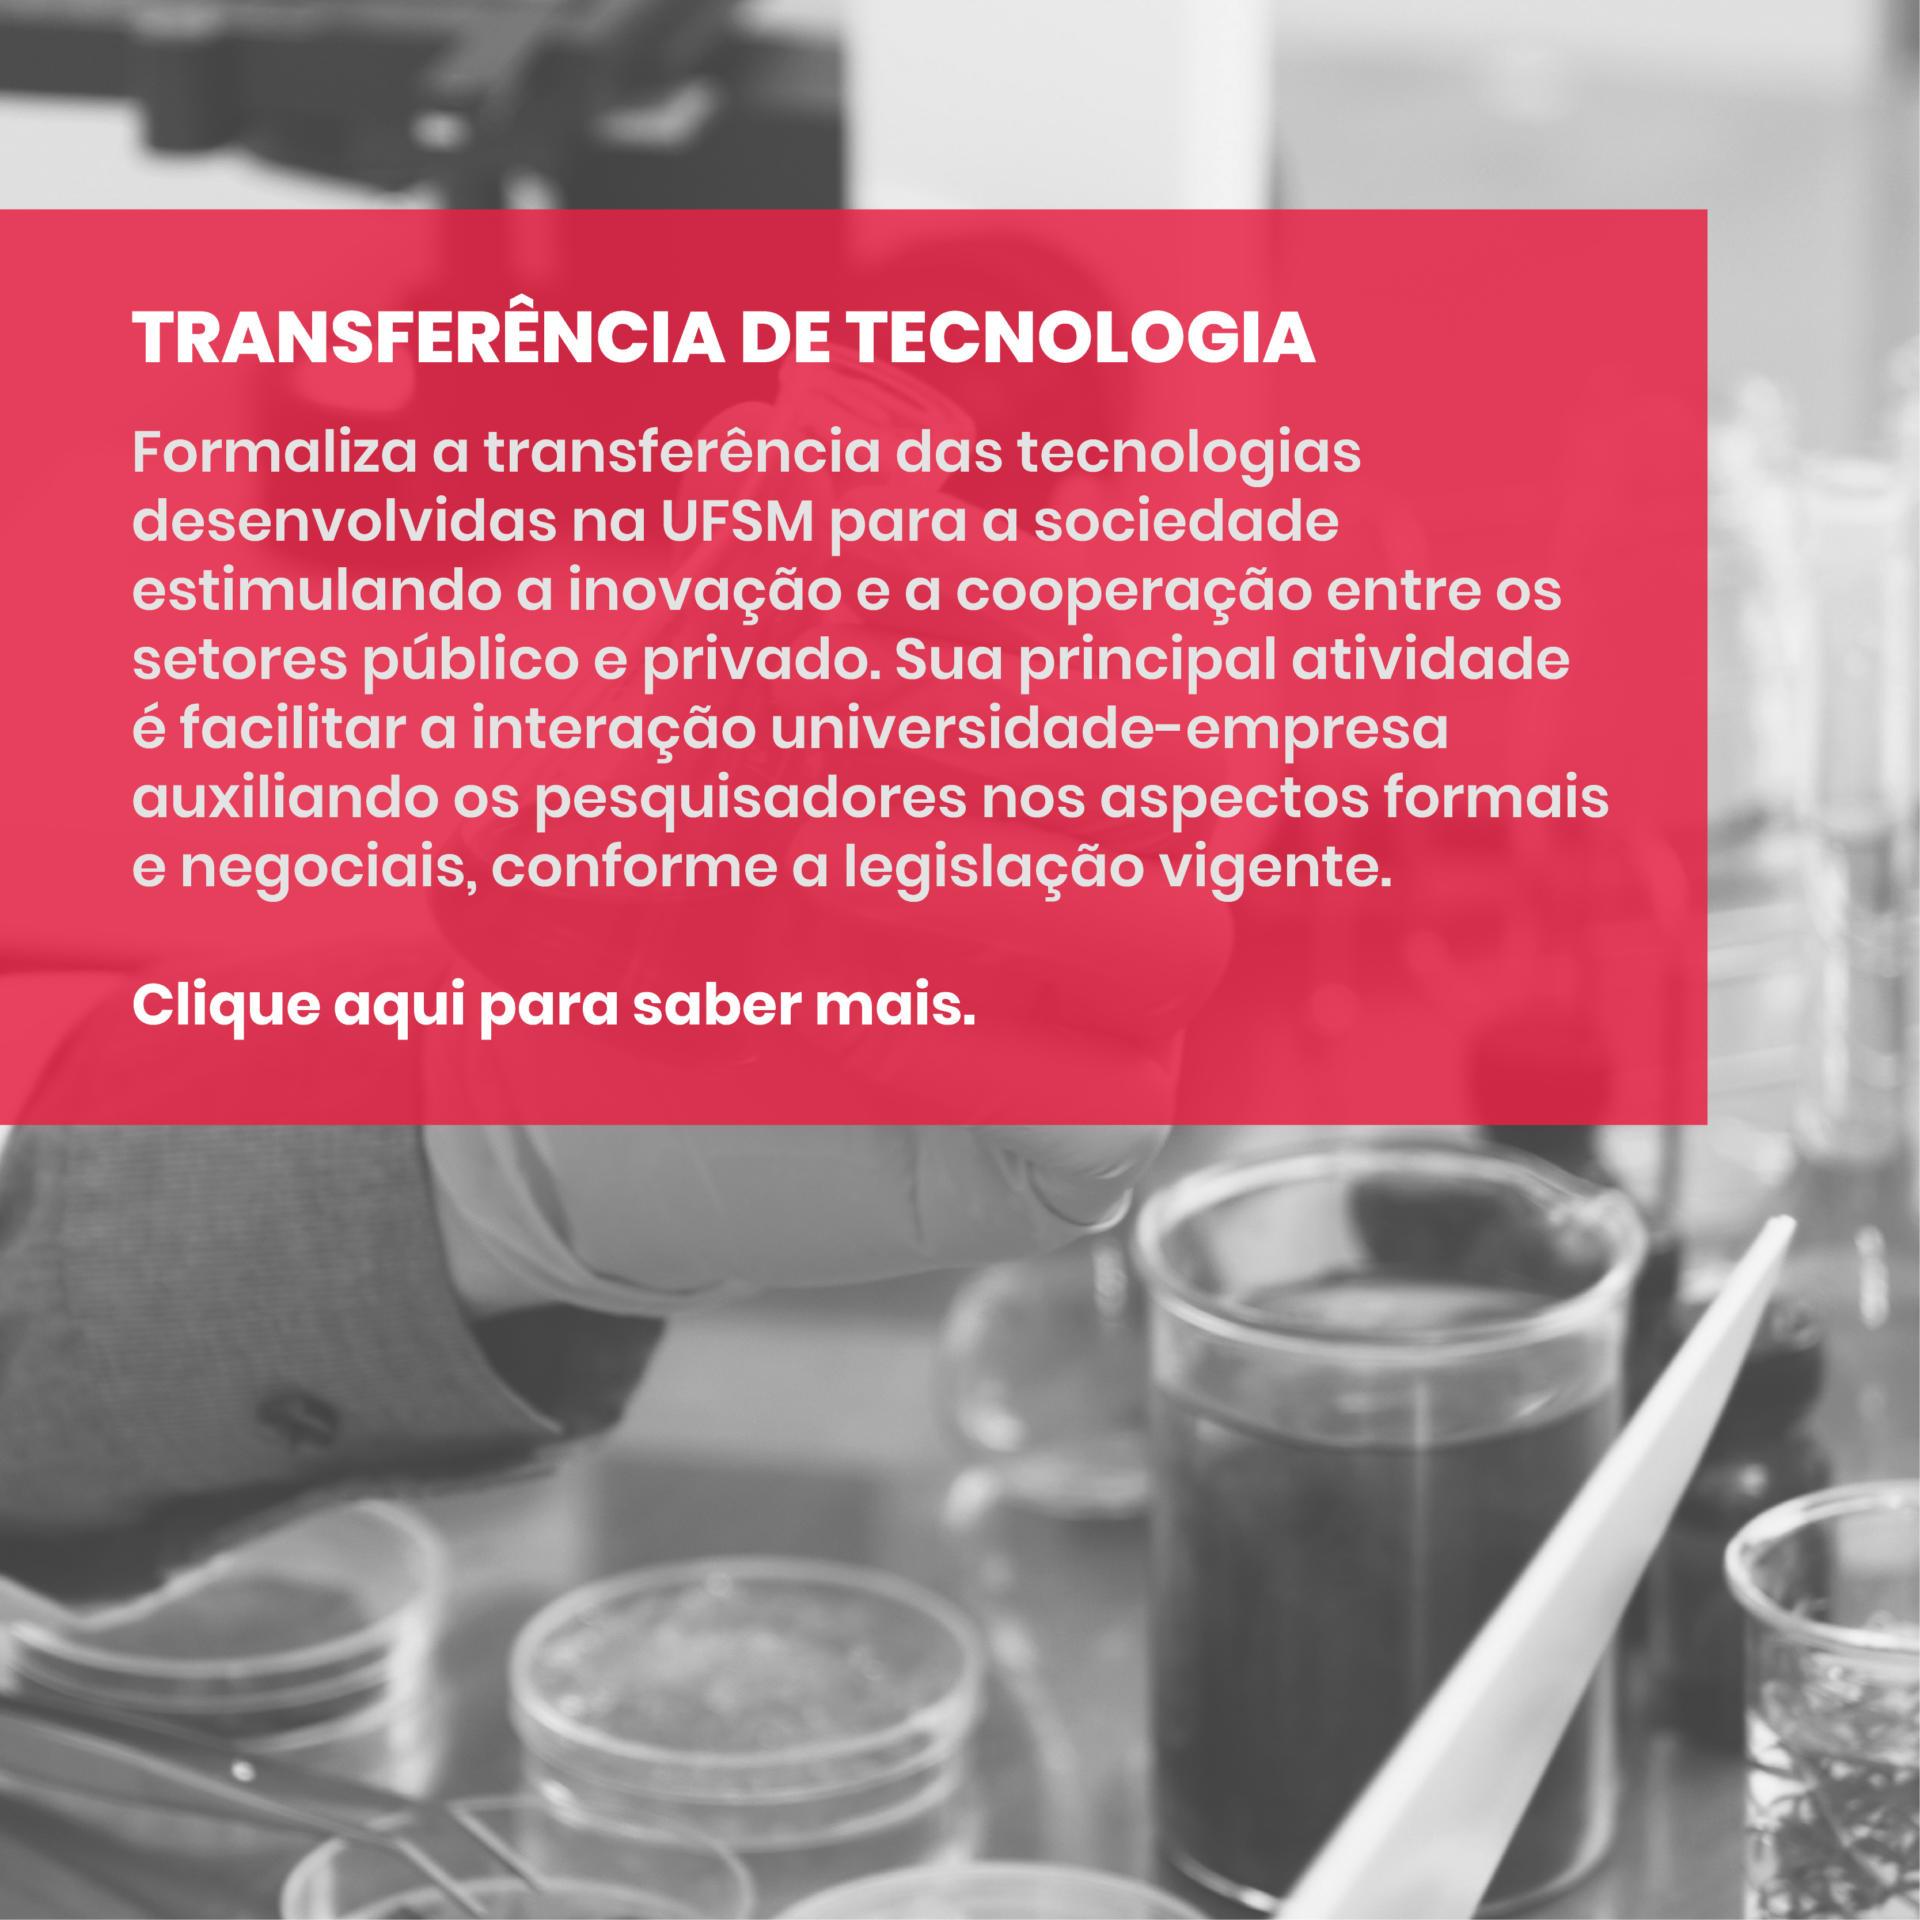 TRANSFERÊNCIA DE TECNOLOGIA - Formaliza a transição da tecnologia desenvolvida na UFSM para empresas e indústrias. Sua principal atribuição é auxiliar ao pesquisador e ser o ponto de intermediação, seja nos aspectos formais ou nos negociais, de todos os instrumentos previstos pela Lei de Inovação. Clique aqui para saber mais.